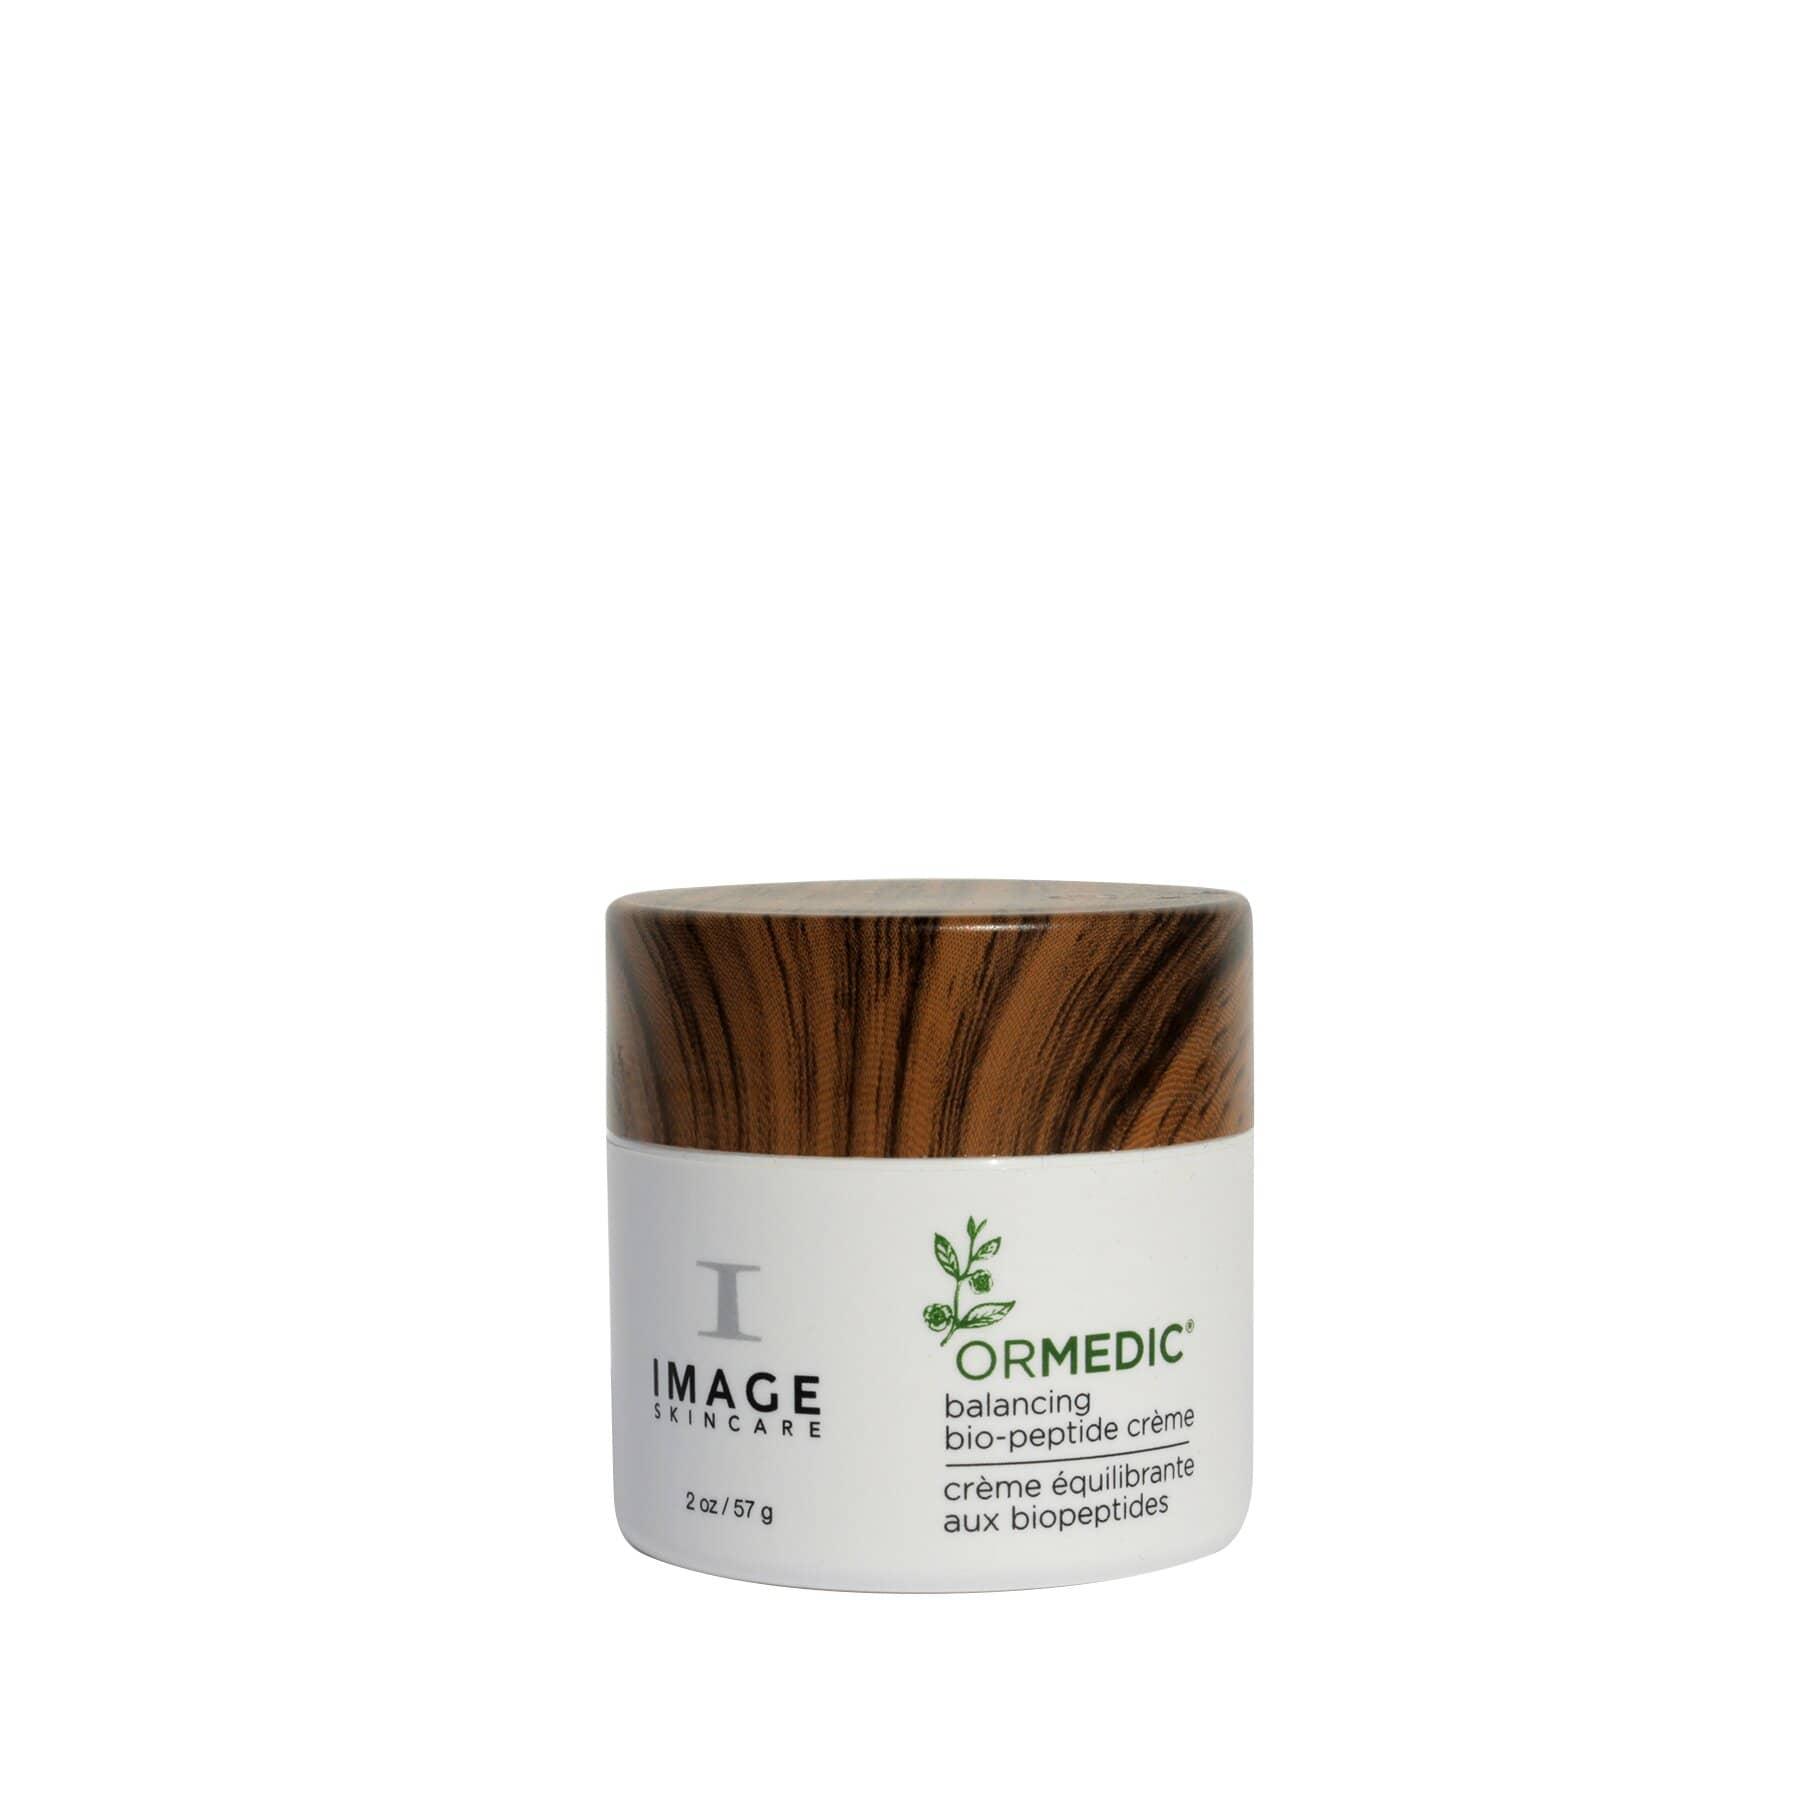 Kem dưỡng chống lão hóa Image Skincare Ormedic Balancing Bio Pepetide